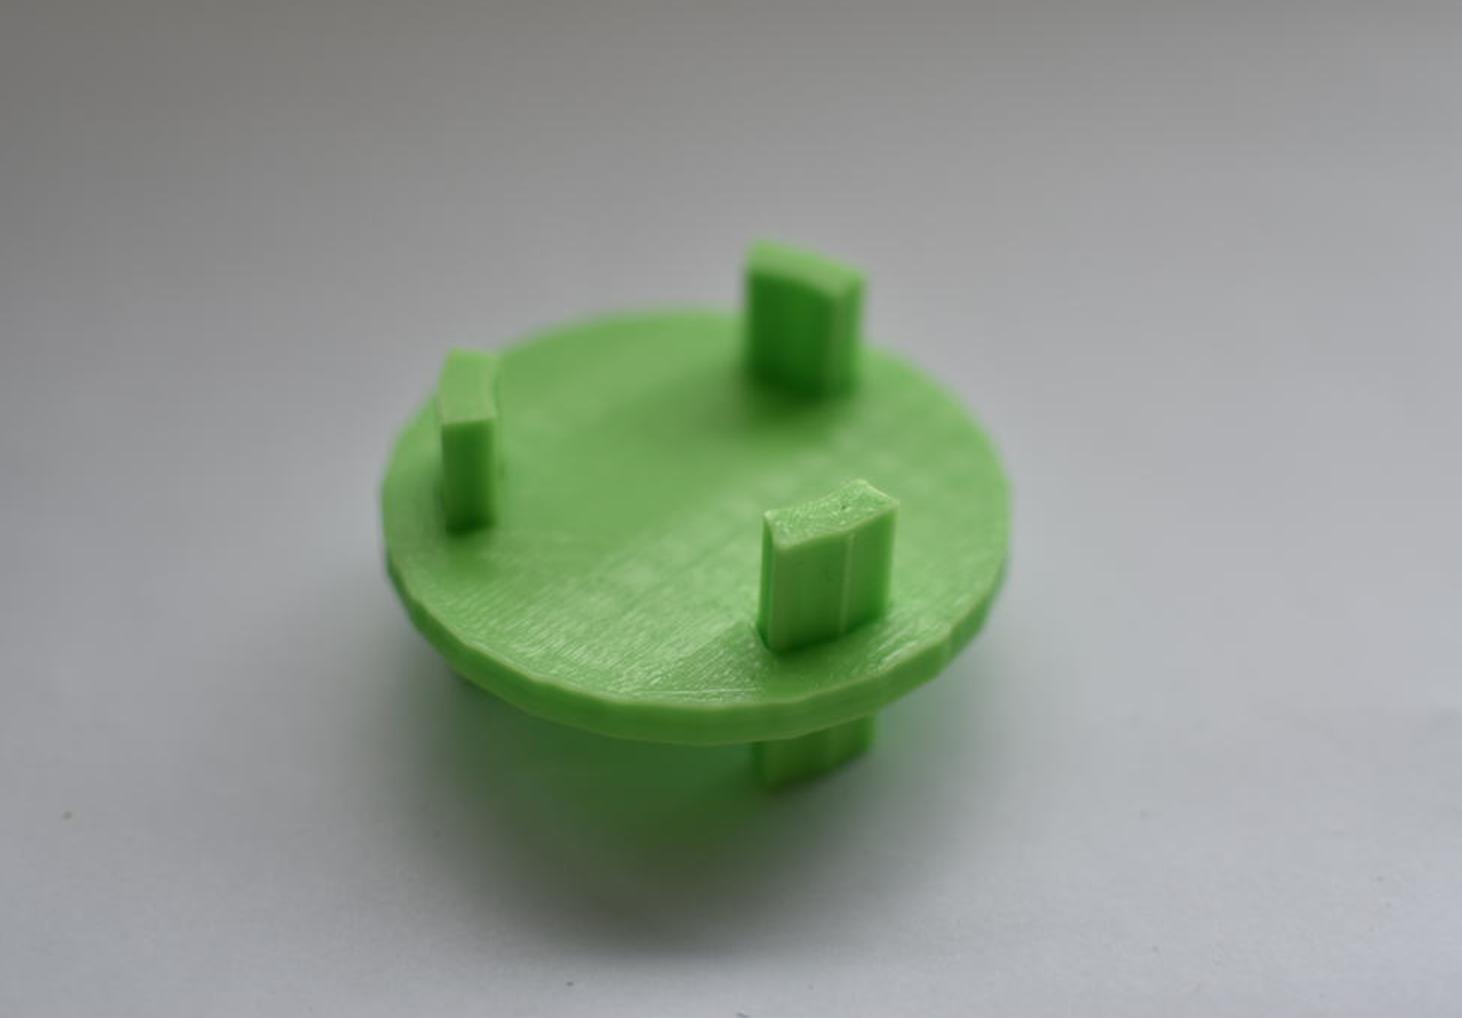 Capture d'écran 2017-05-04 à 11.17.06.png Download free STL file spool holder for several spool filament • 3D printer model, JOHLINK